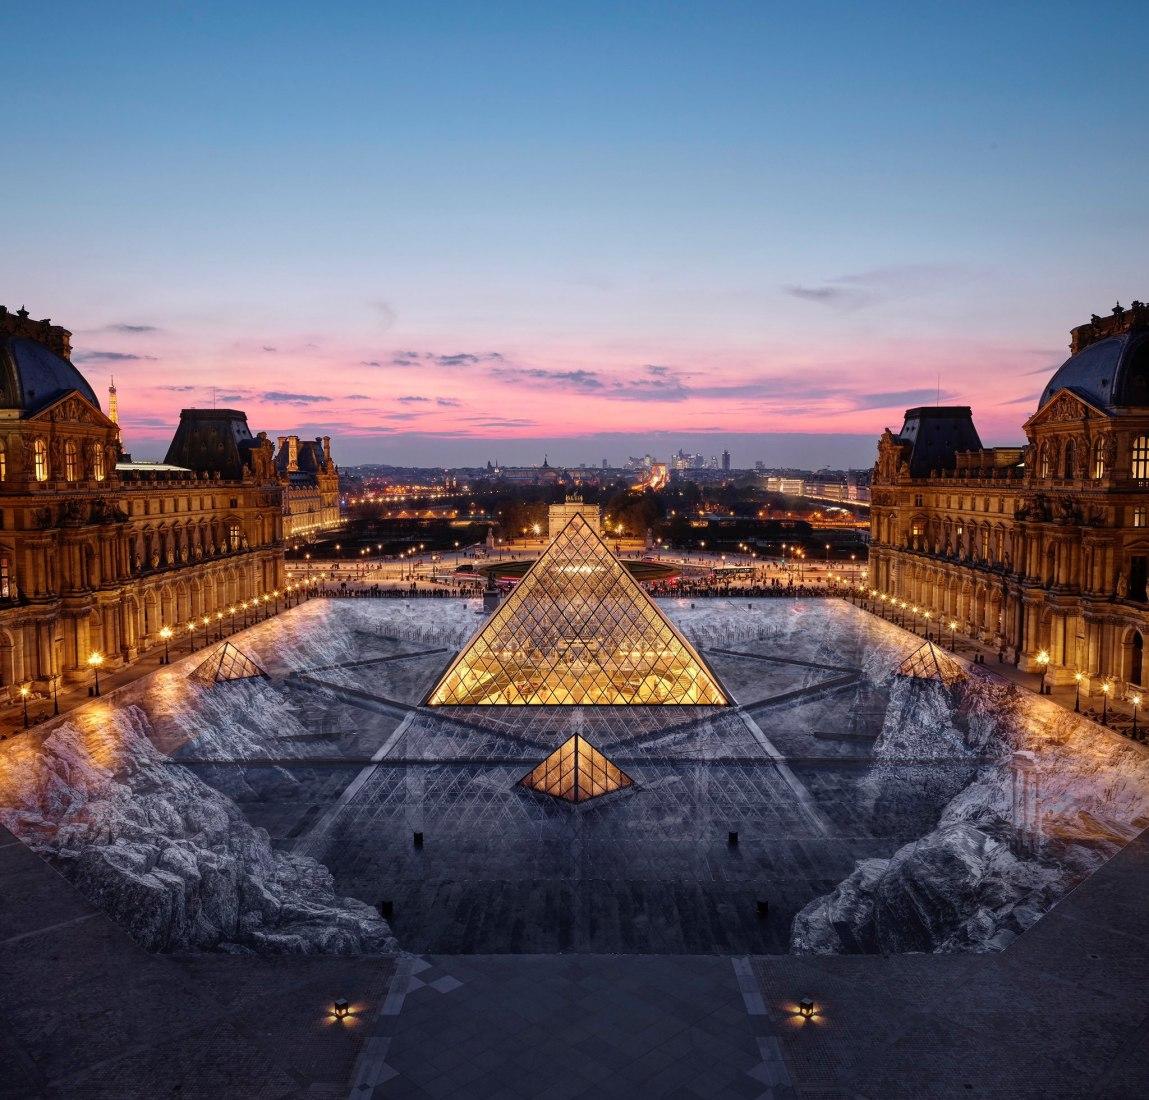 Vista nocturna de la creación realizada por artista JR en la Pirámide del Louvre, por su 30 cumpleaños